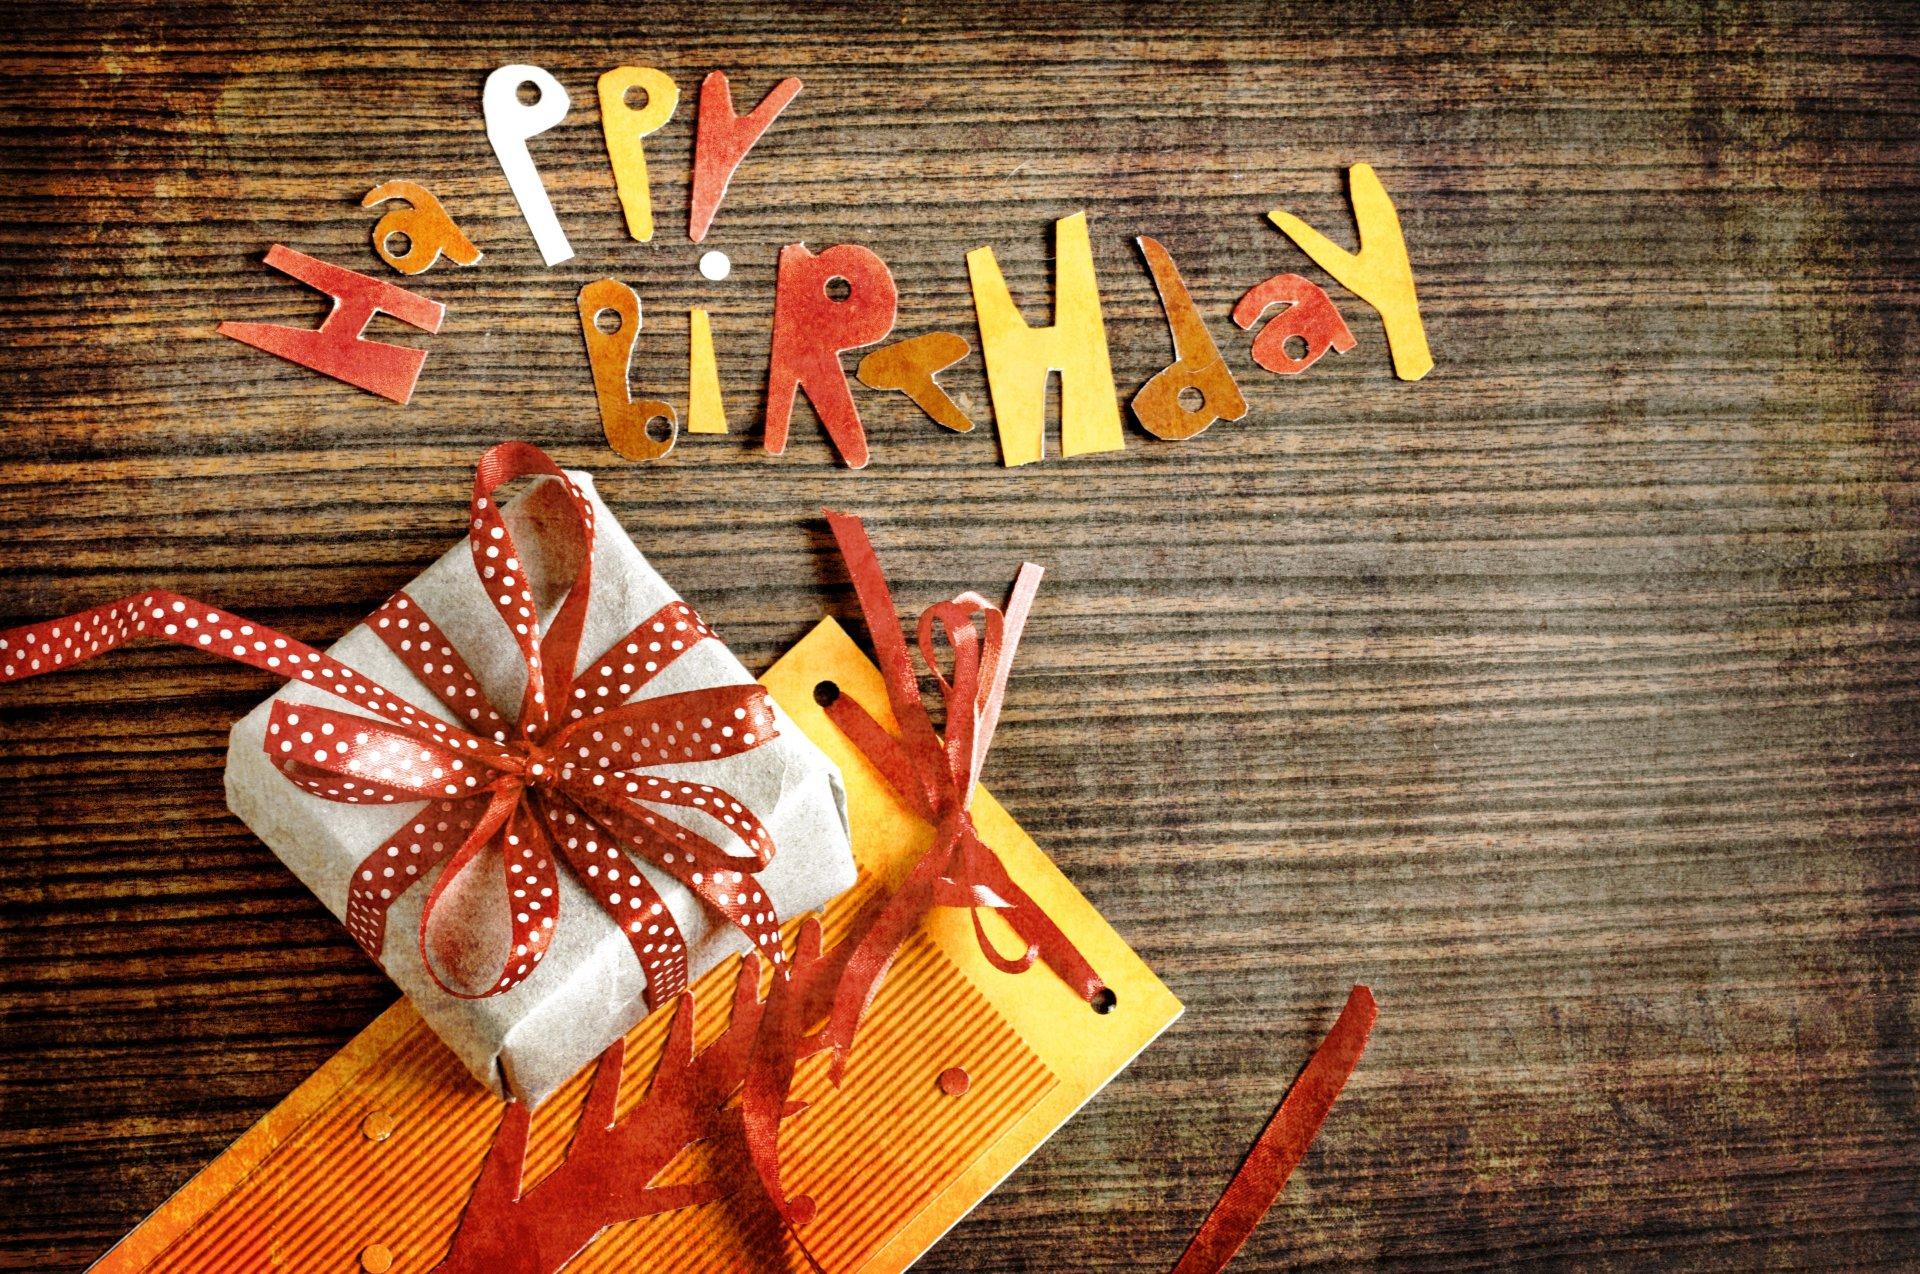 Поздравление с Днем Рождения фон для открытки (31)